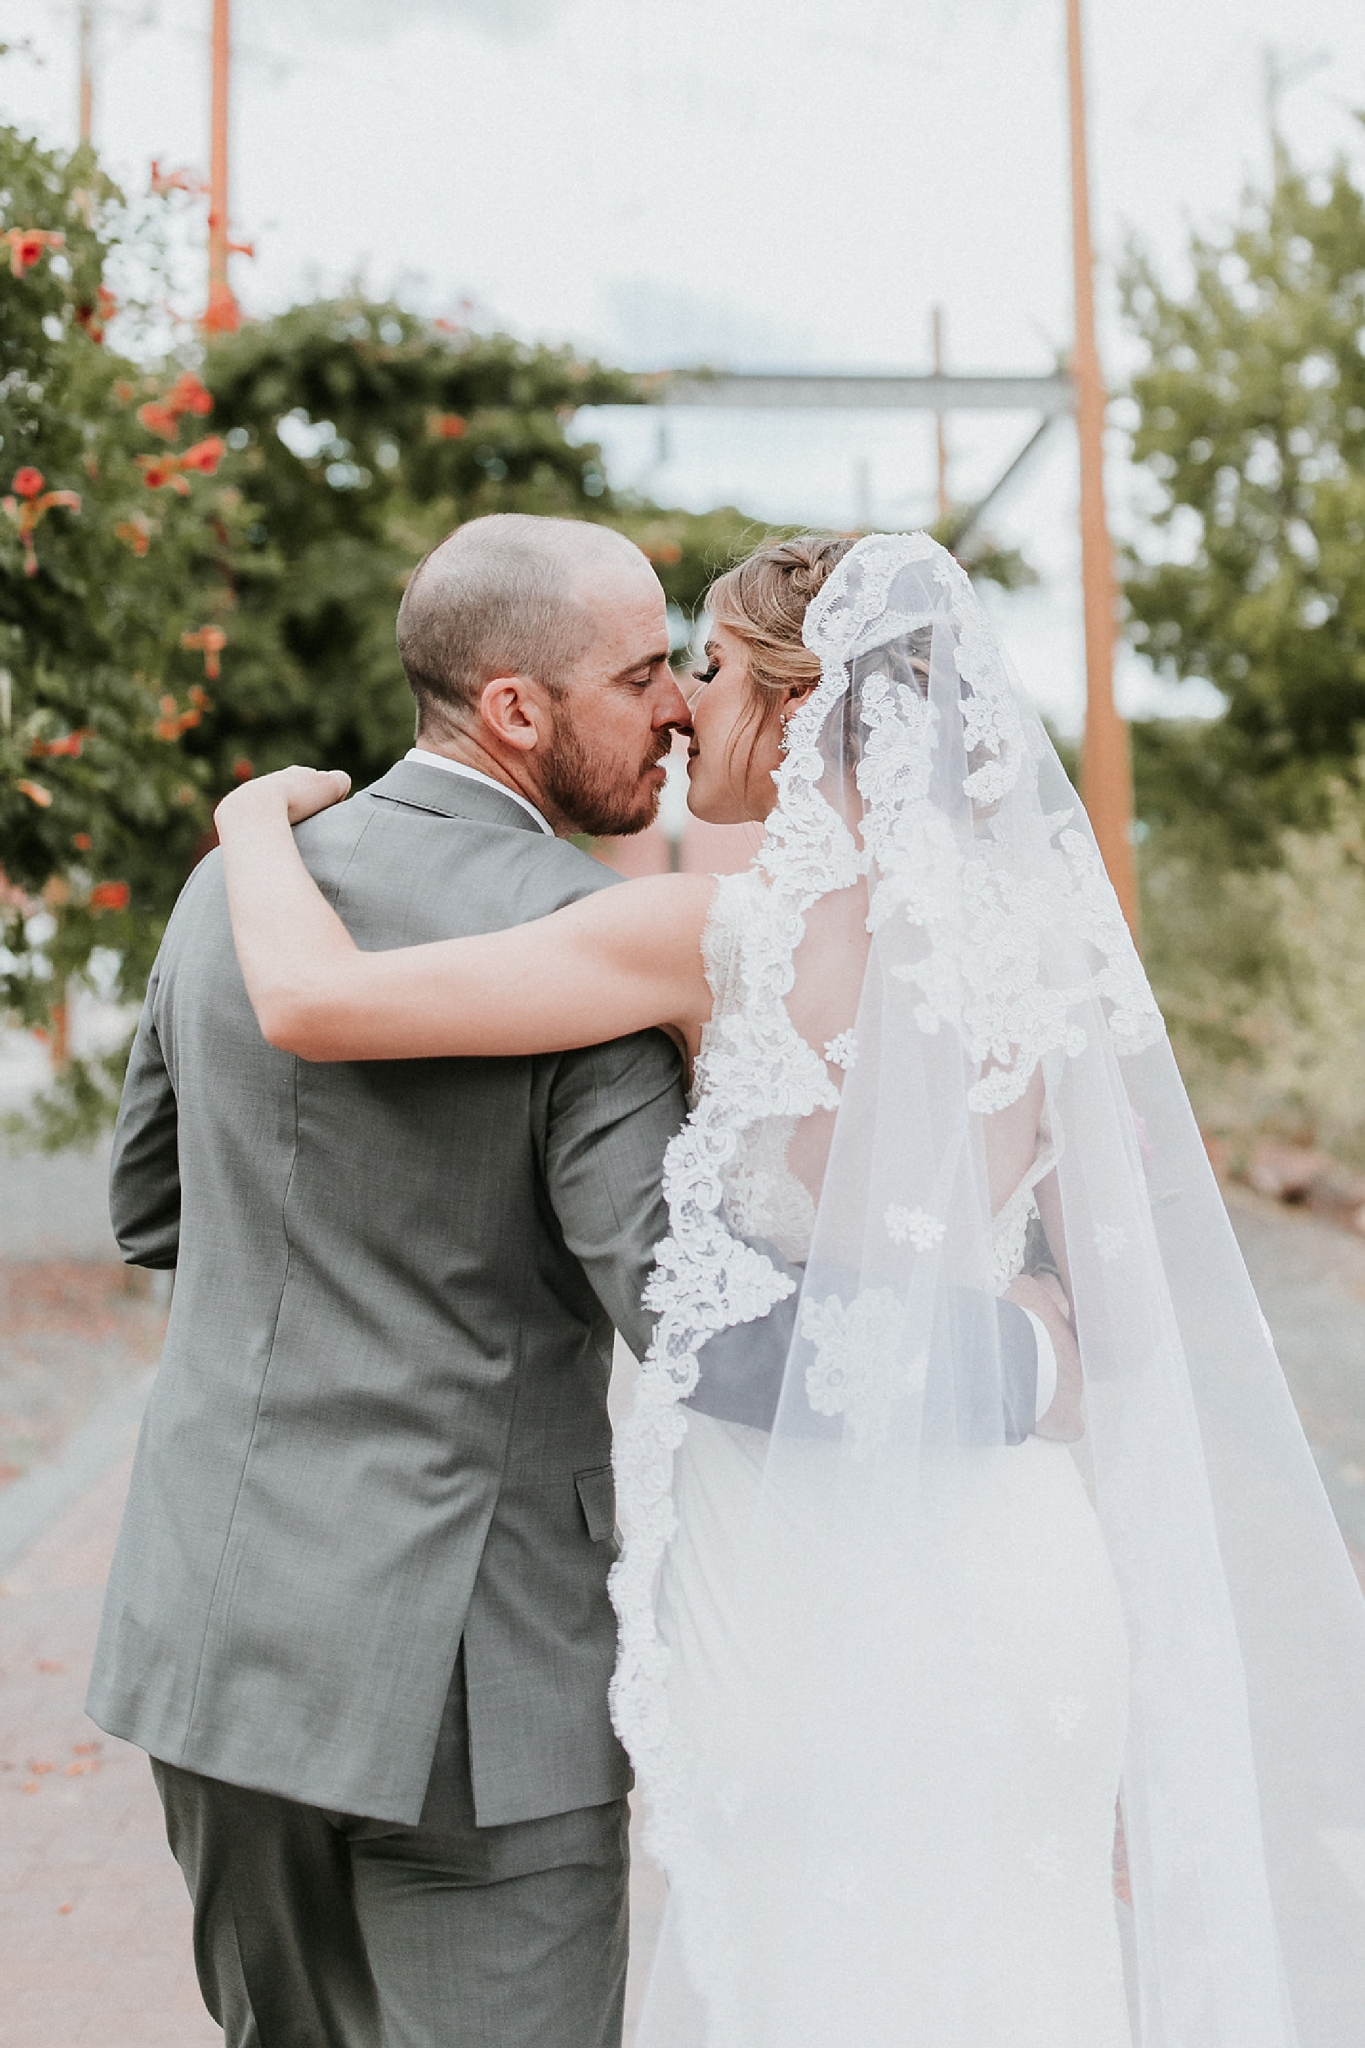 Alicia+lucia+photography+-+albuquerque+wedding+photographer+-+santa+fe+wedding+photography+-+new+mexico+wedding+photographer+-+new+mexico+wedding+-+albuquerque+wedding+-+santa+fe+wedding+-+wedding+romantics_0039.jpg